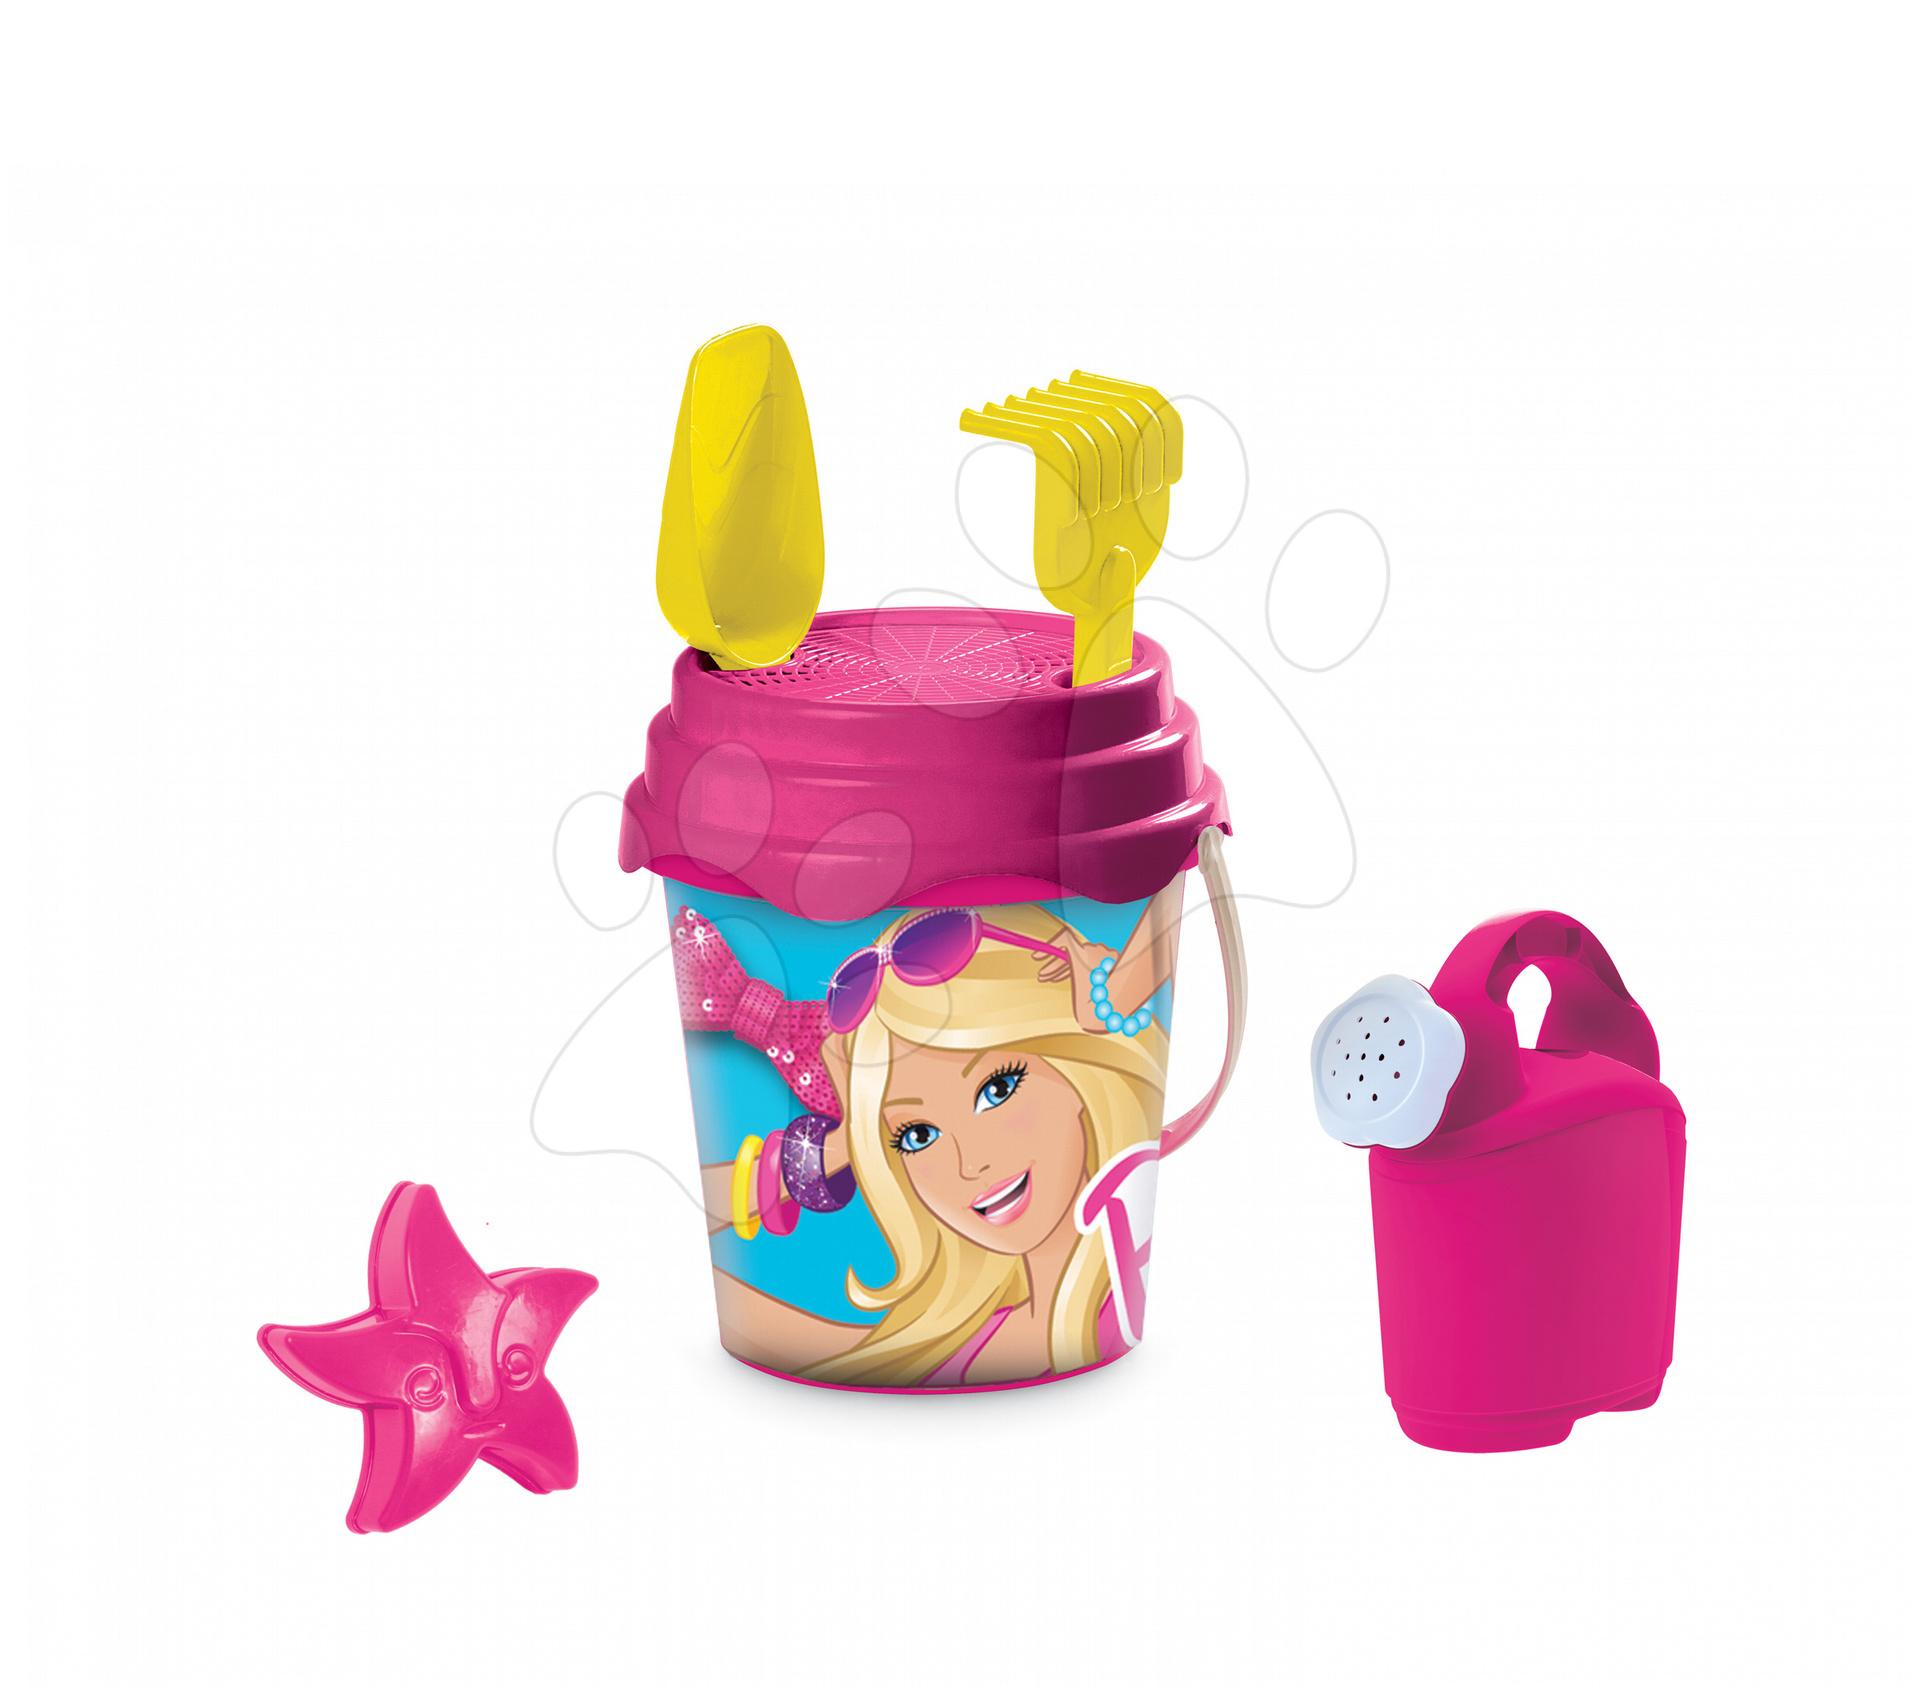 Staré položky - Vedro set s krhlou Barbie Mondo 7 ks, 19 cm